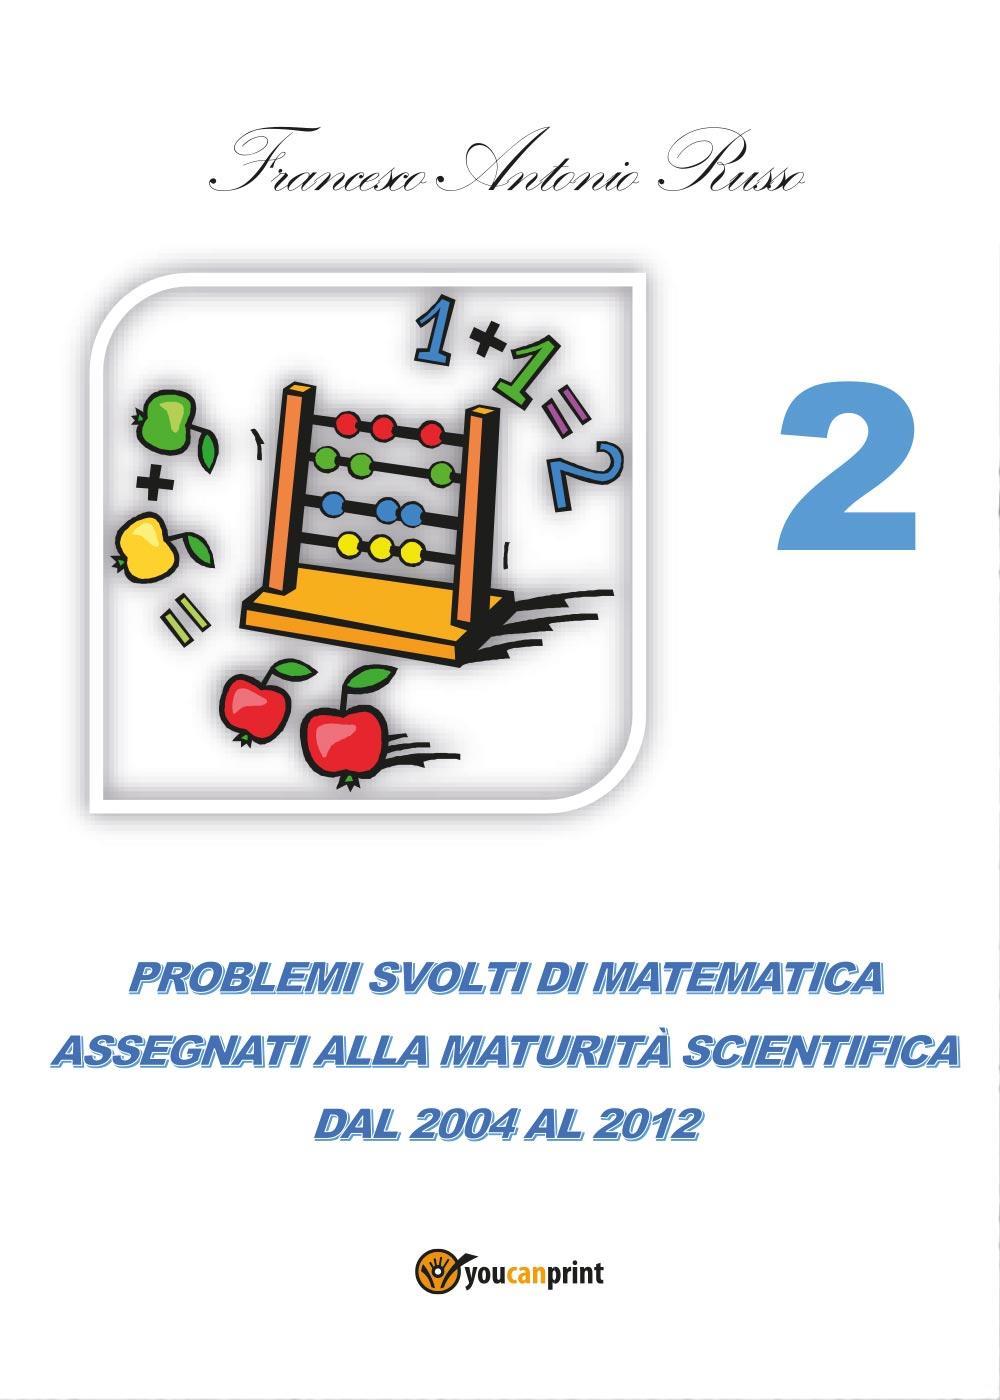 Problemi svolti di matematica assegnati alla Maturità Scientifica dal 2004 al 2012 - TOMO 2